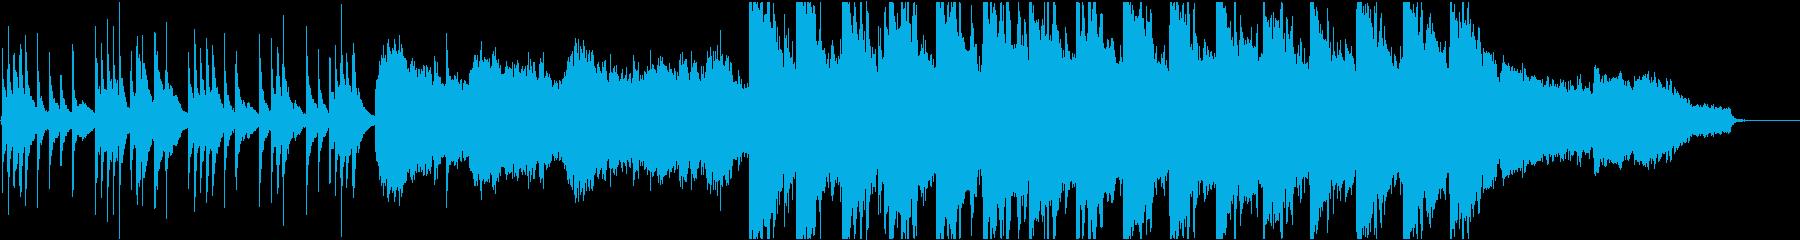 企業VP30 16bit44kHzVerの再生済みの波形